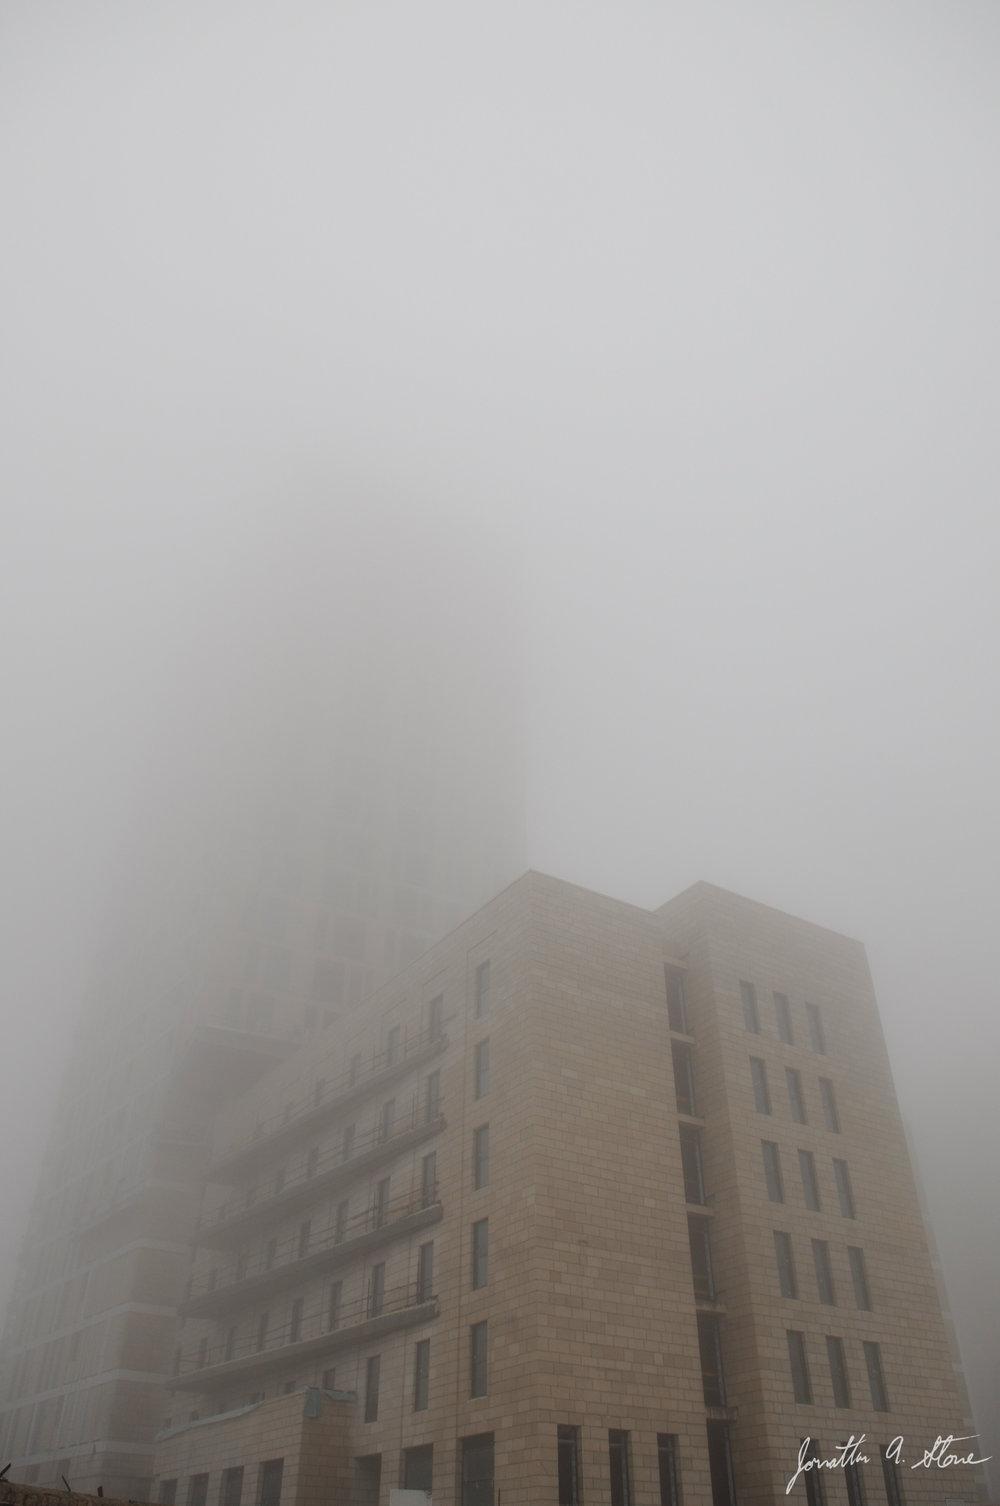 STONE_jlm-fog_02012018_079.jpg